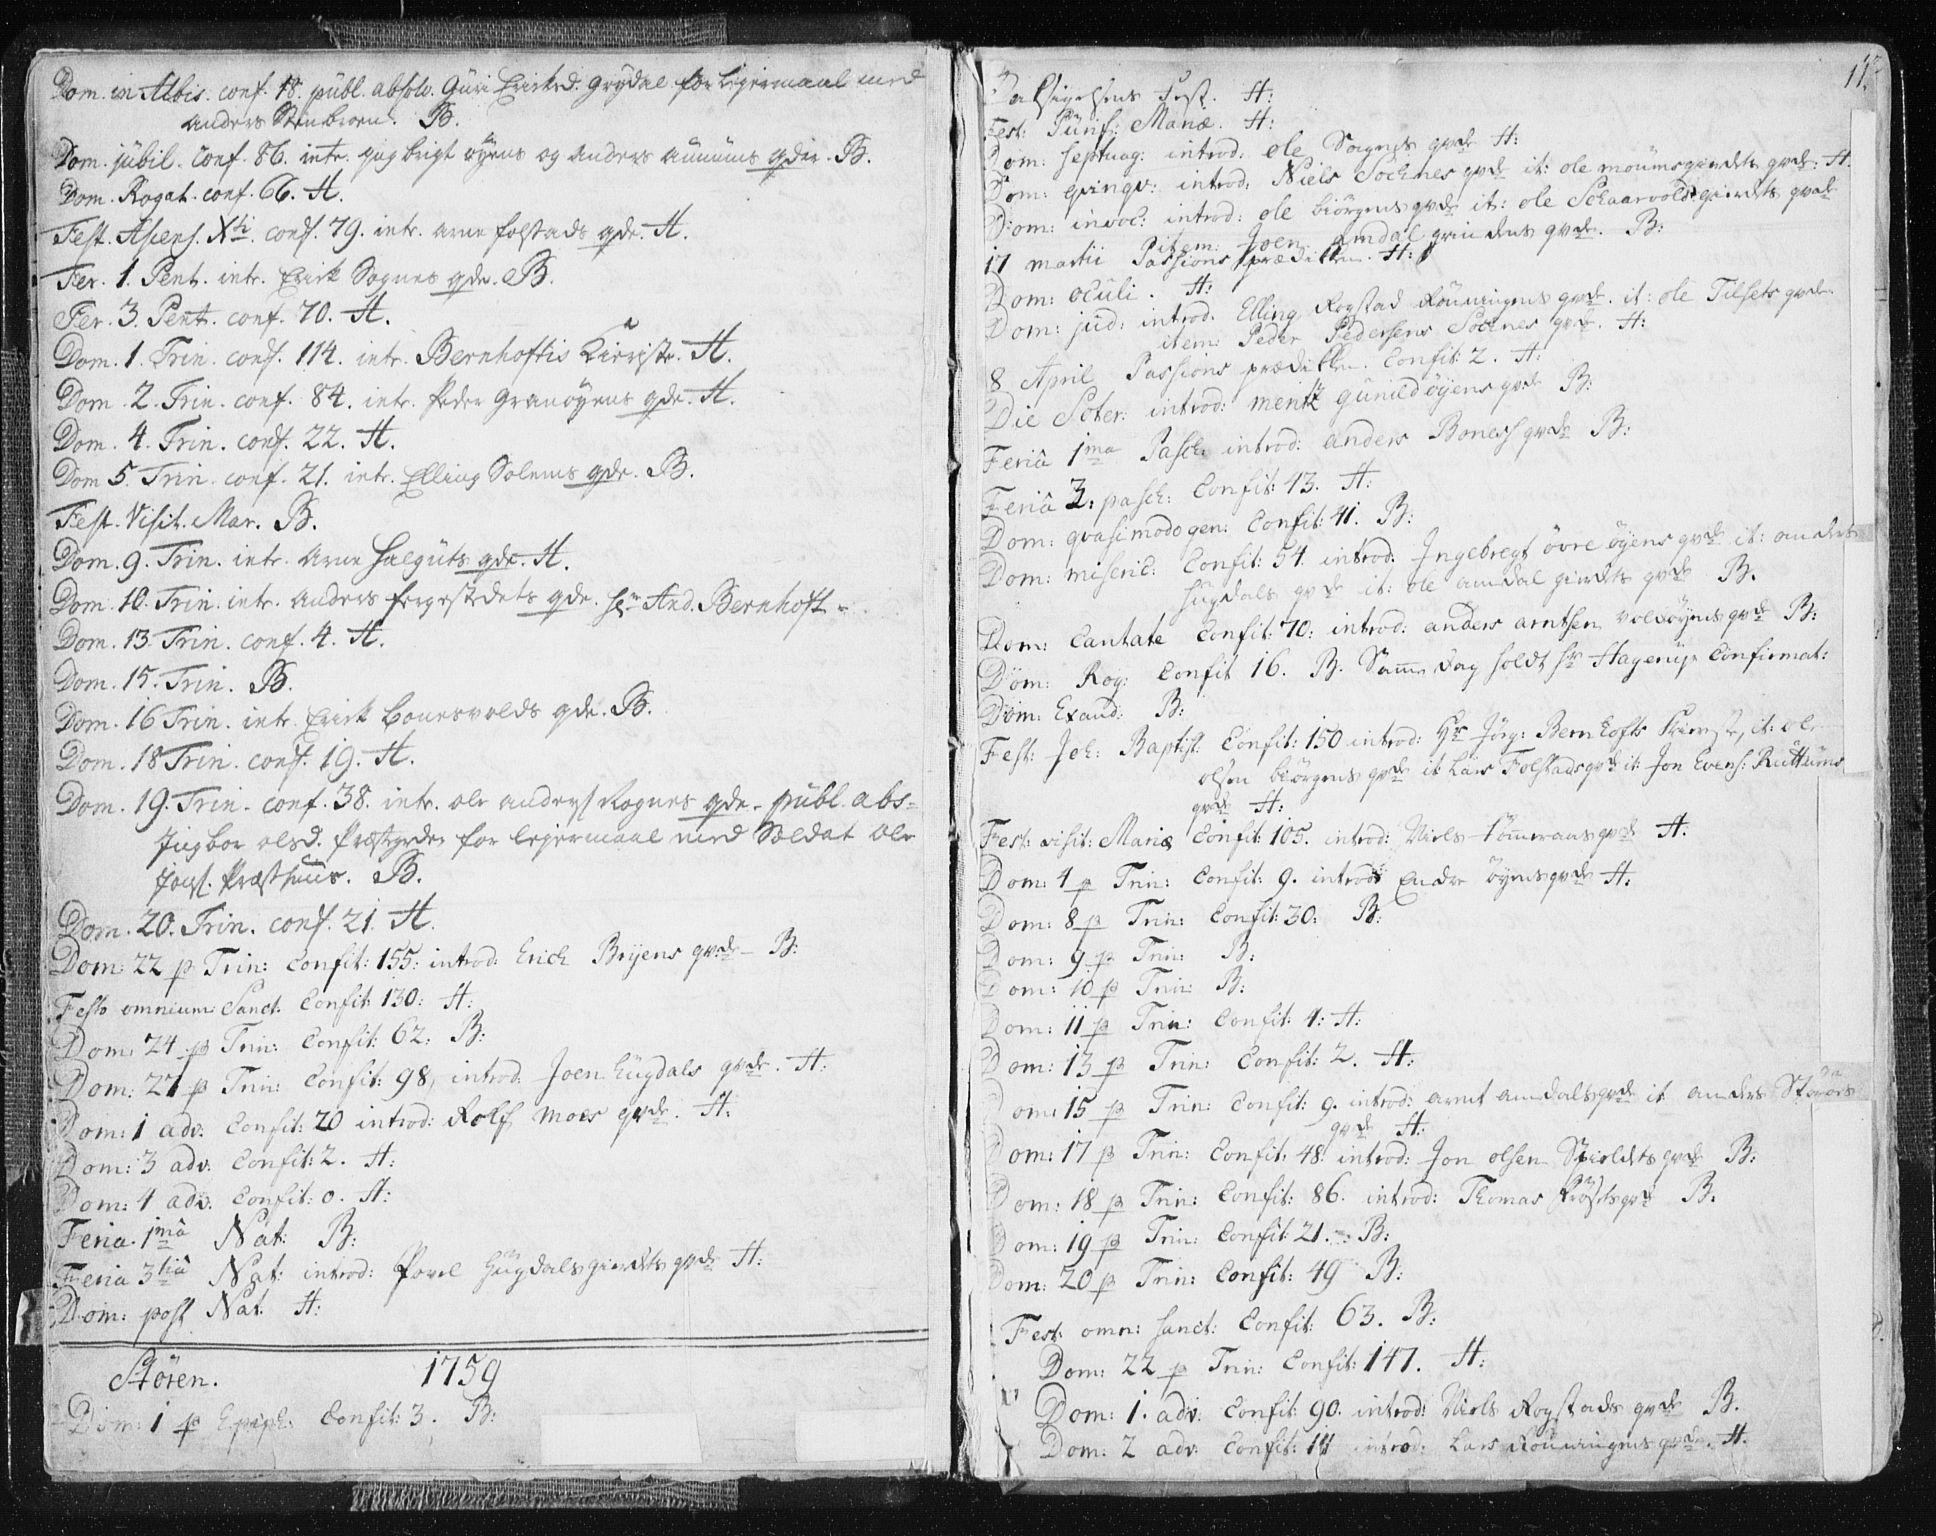 SAT, Ministerialprotokoller, klokkerbøker og fødselsregistre - Sør-Trøndelag, 687/L0991: Ministerialbok nr. 687A02, 1747-1790, s. 11